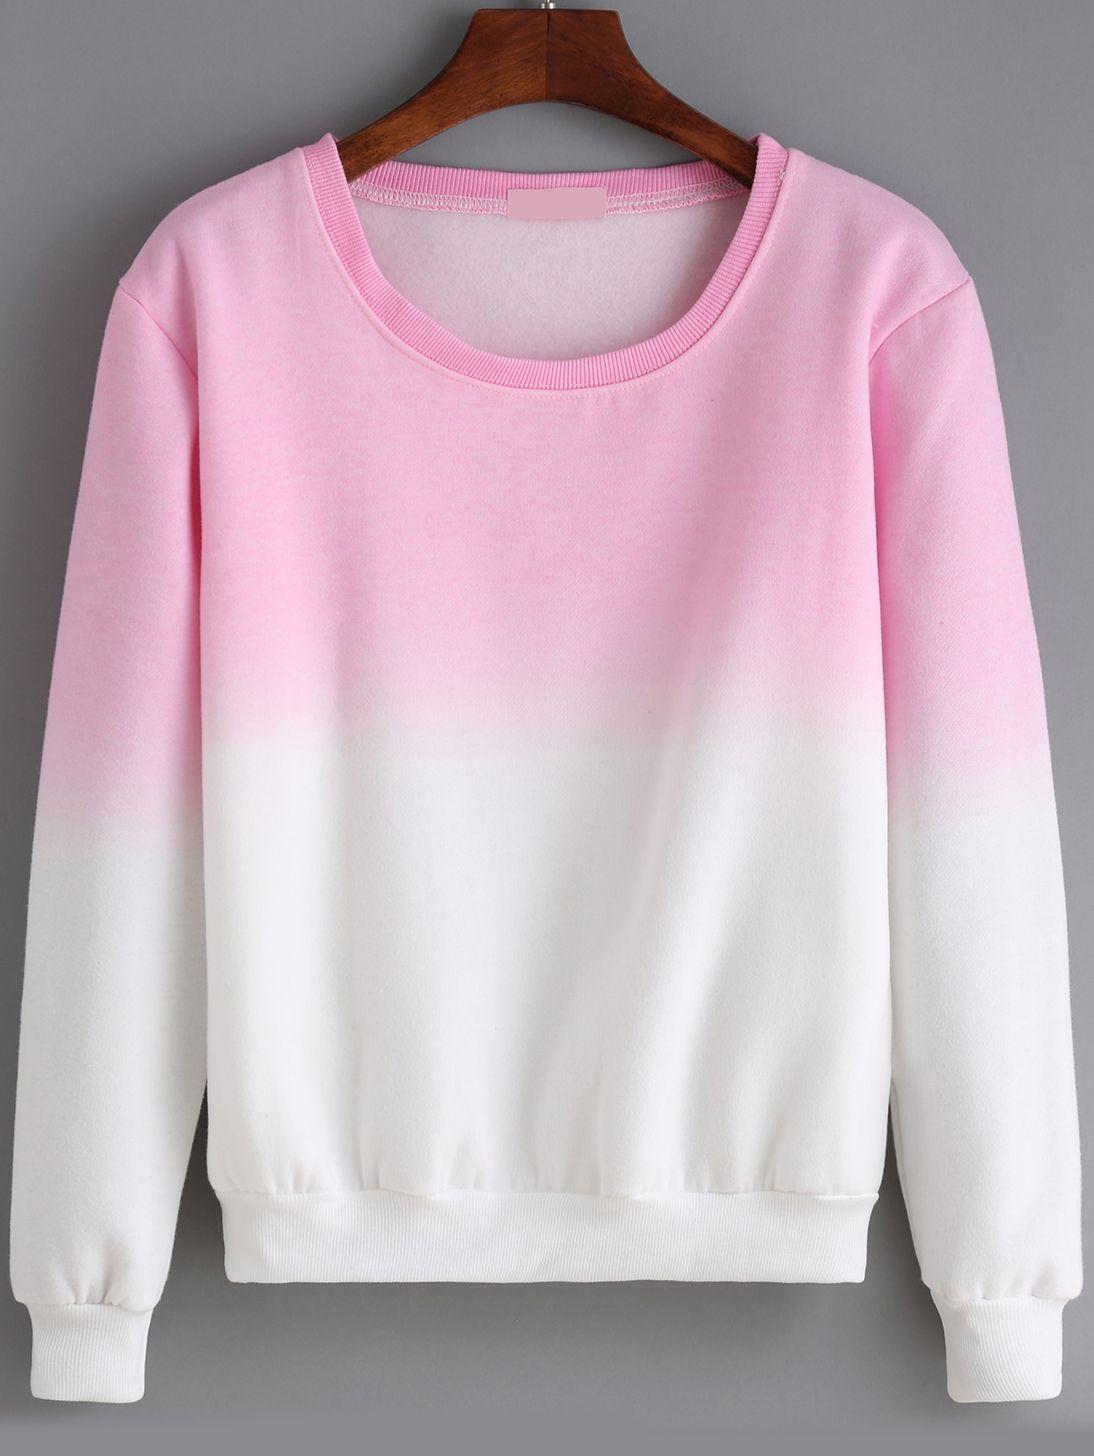 Winter pullover mujeres suéter, casual tejido de punto de